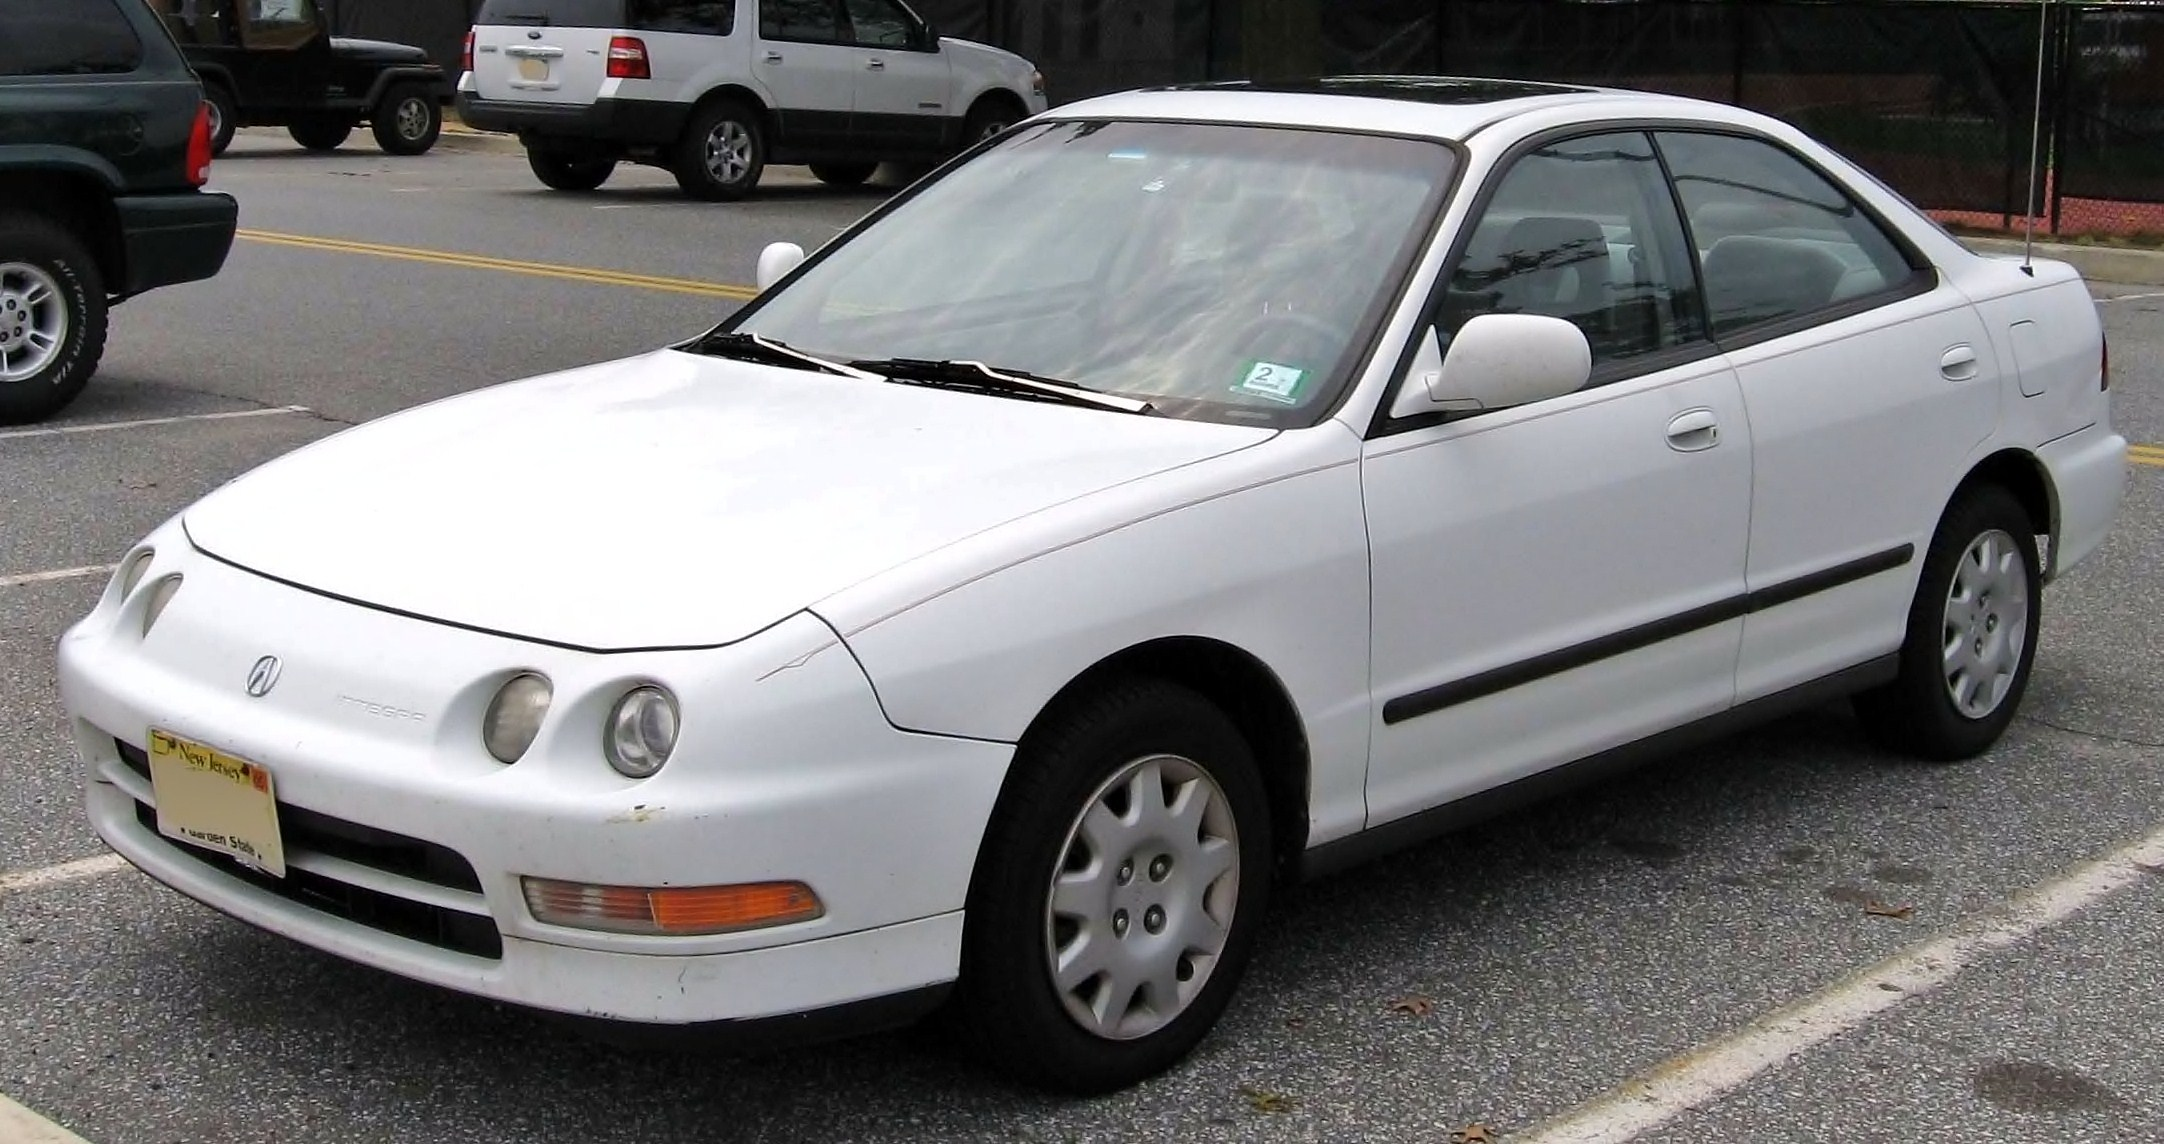 File:Acura-Integra-sedan.jpg